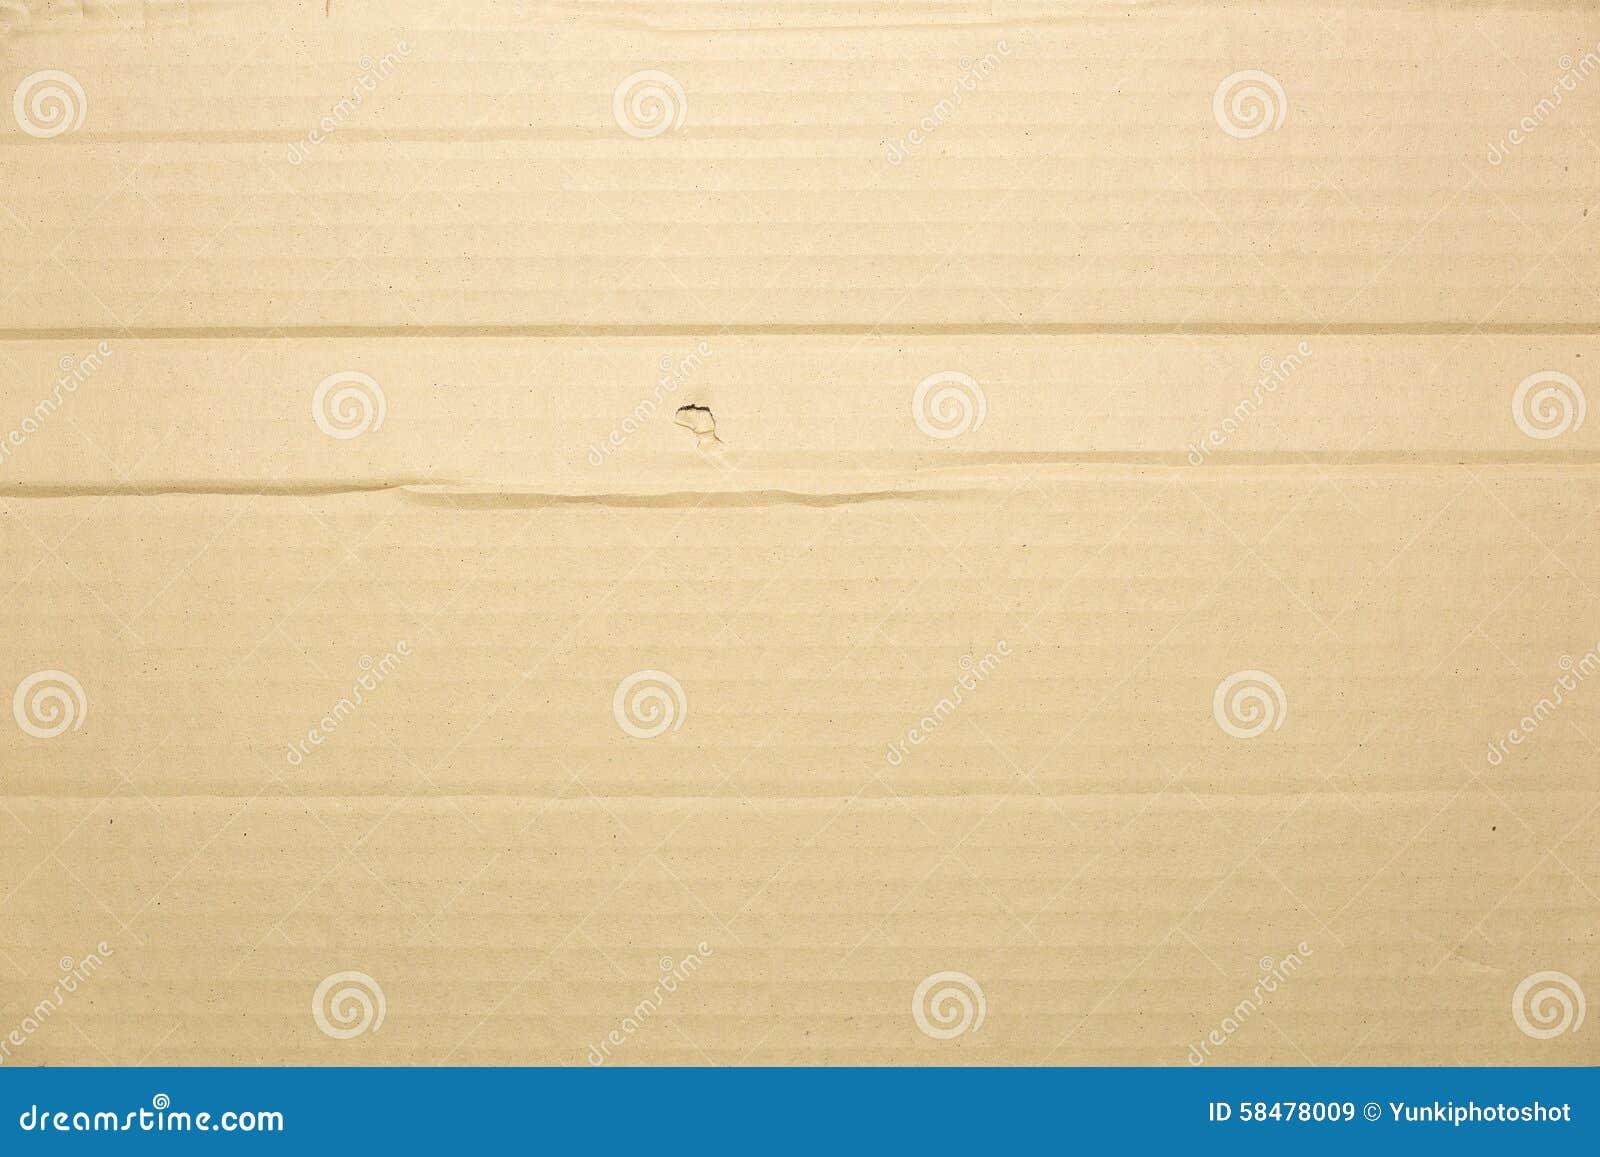 Бумажная текстура - Crease предпосылка текстуры коробки бумажная для desi сети